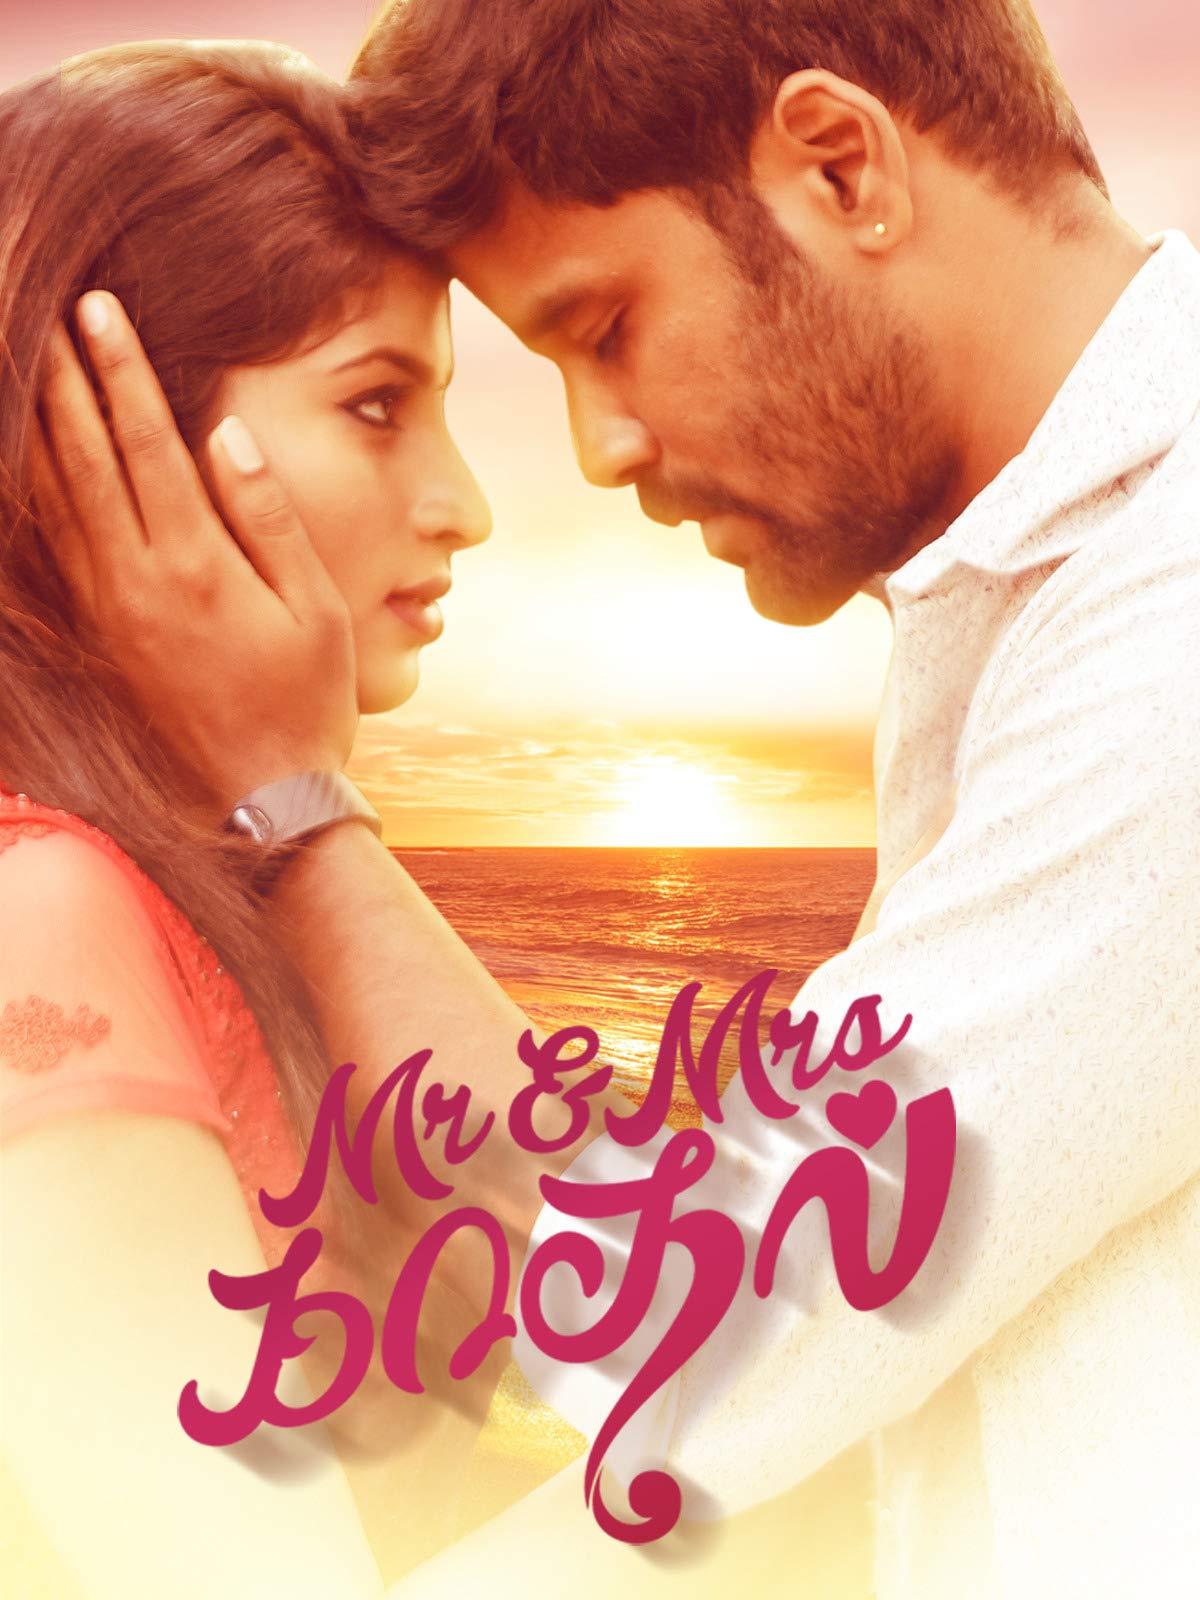 Mr & Mrs Kaadhal